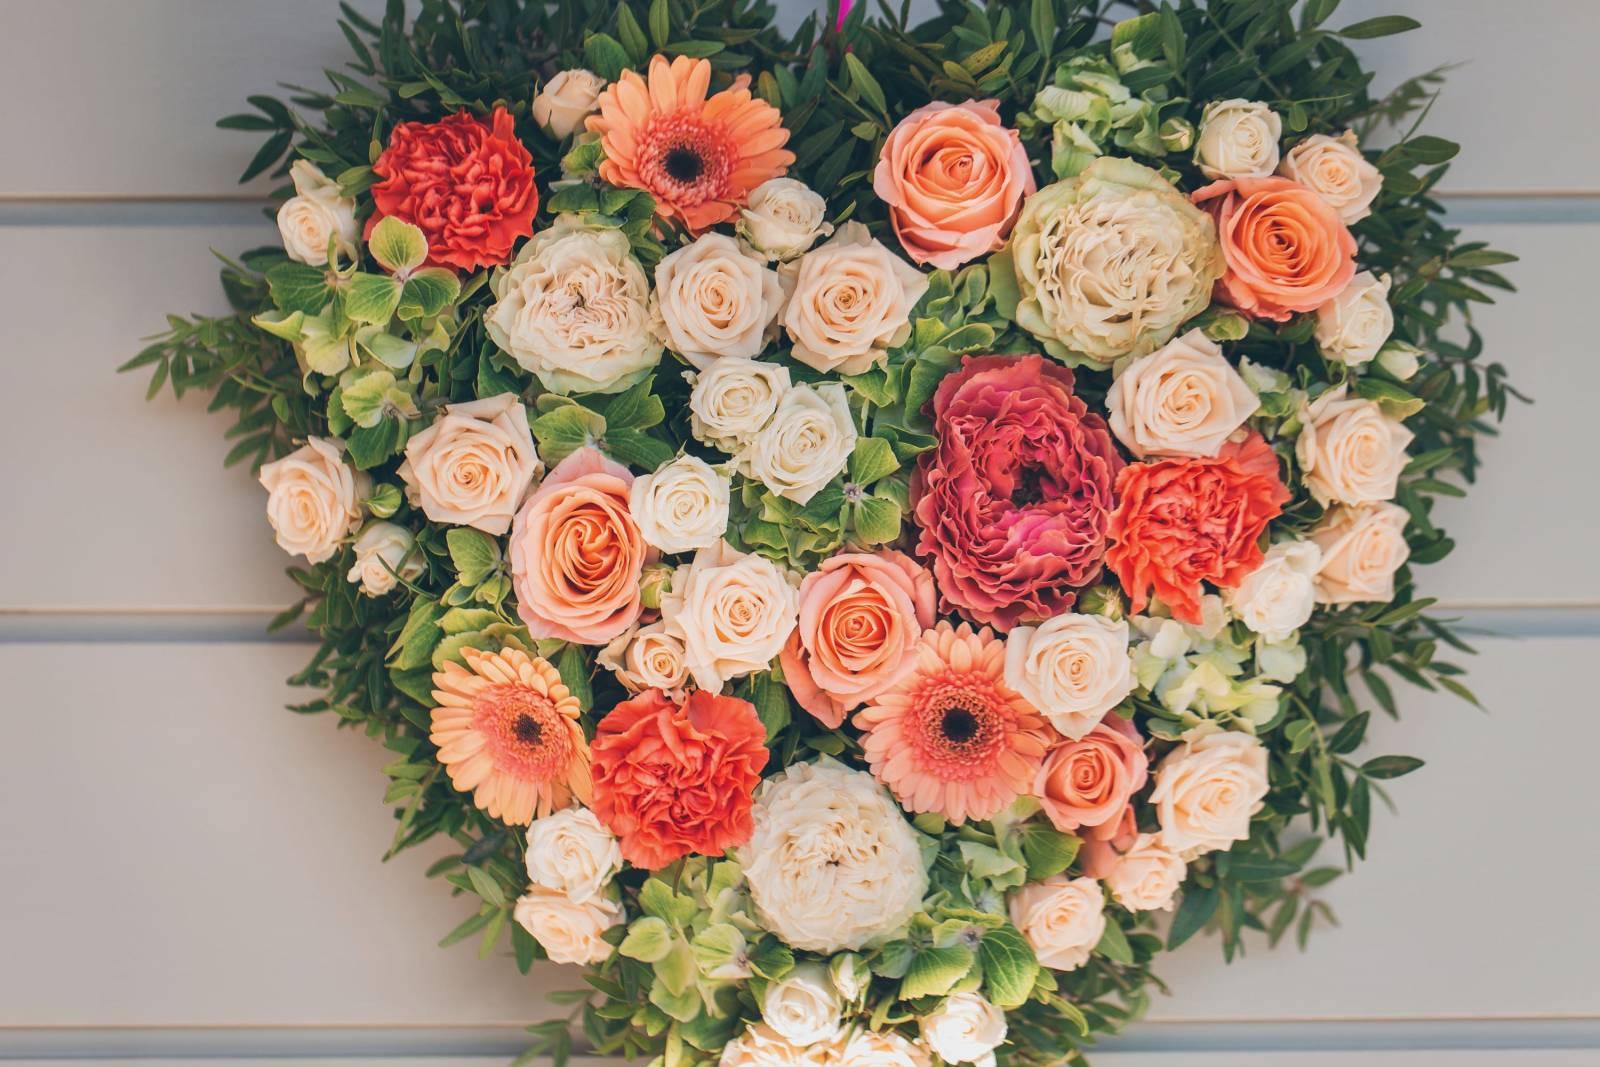 Art of Flower |Bruidsboeket & Bloemendecoratie | House of Weddings - 4